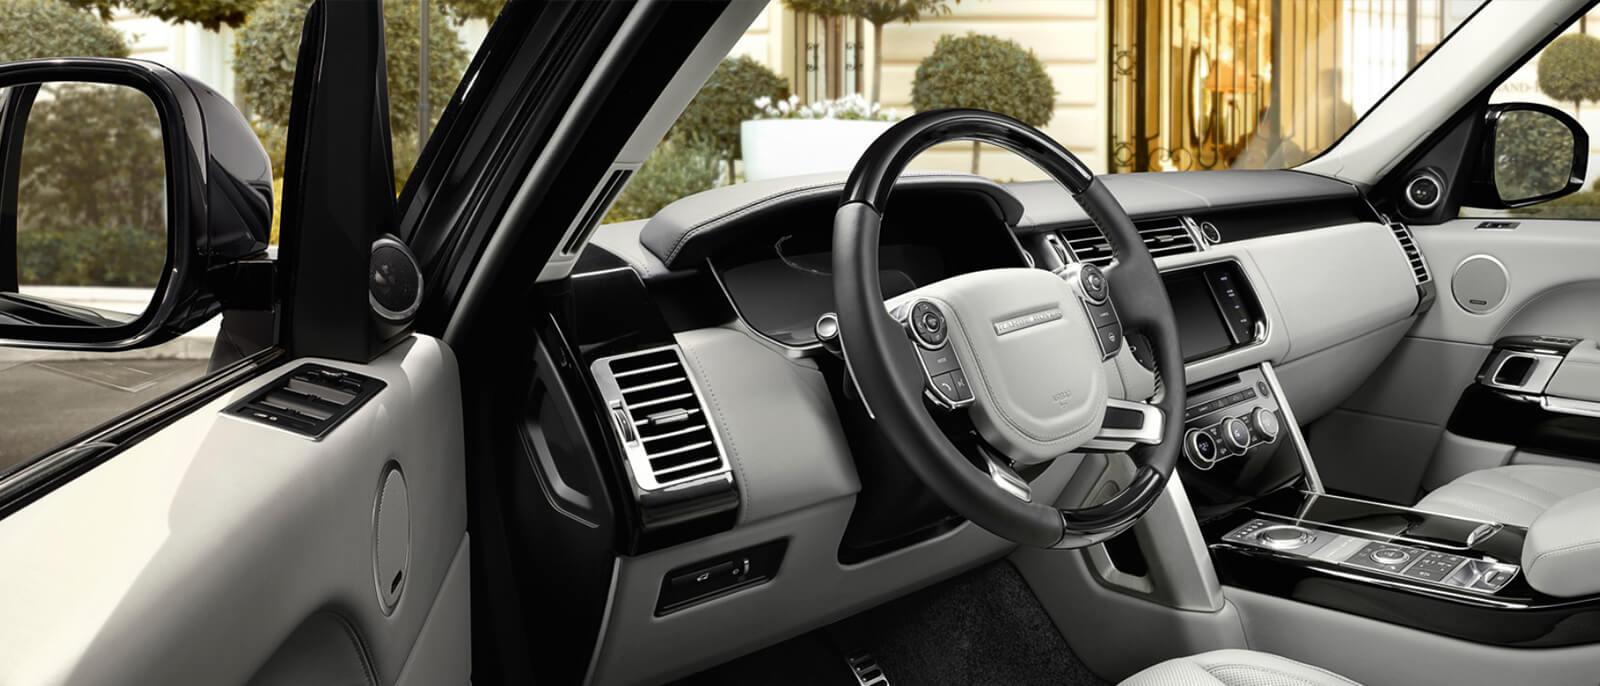 2017-Land-Rover-Range-Rover-Slide2